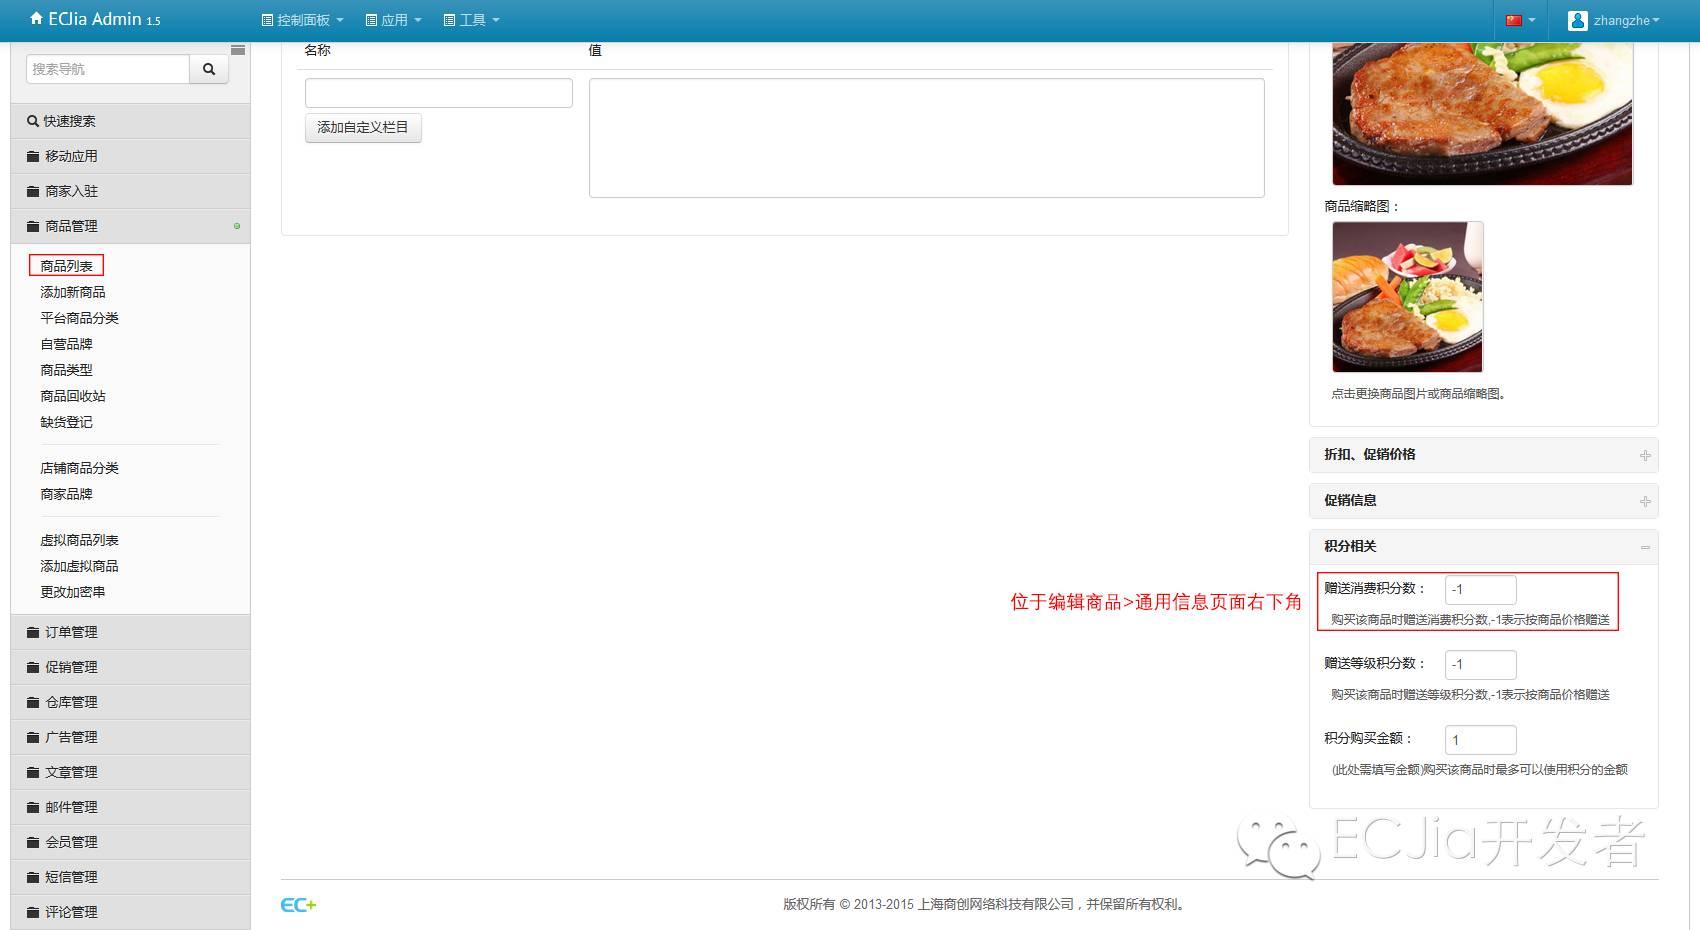 ECJia头条ECJia智能后台积分080206